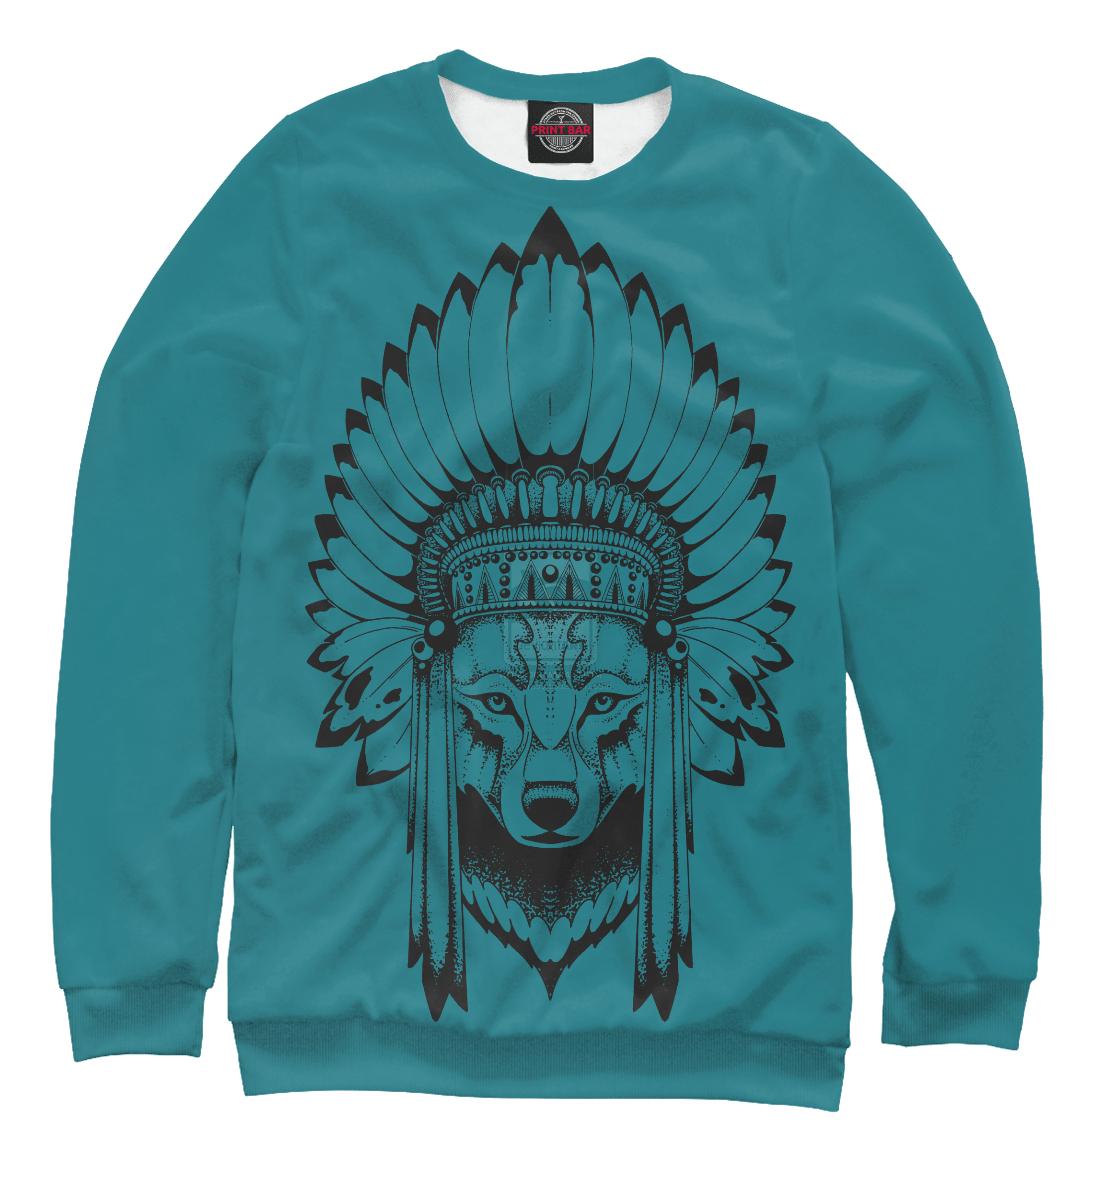 Купить Волк индеец, Printbar, Свитшоты, DAR-682157-swi-1